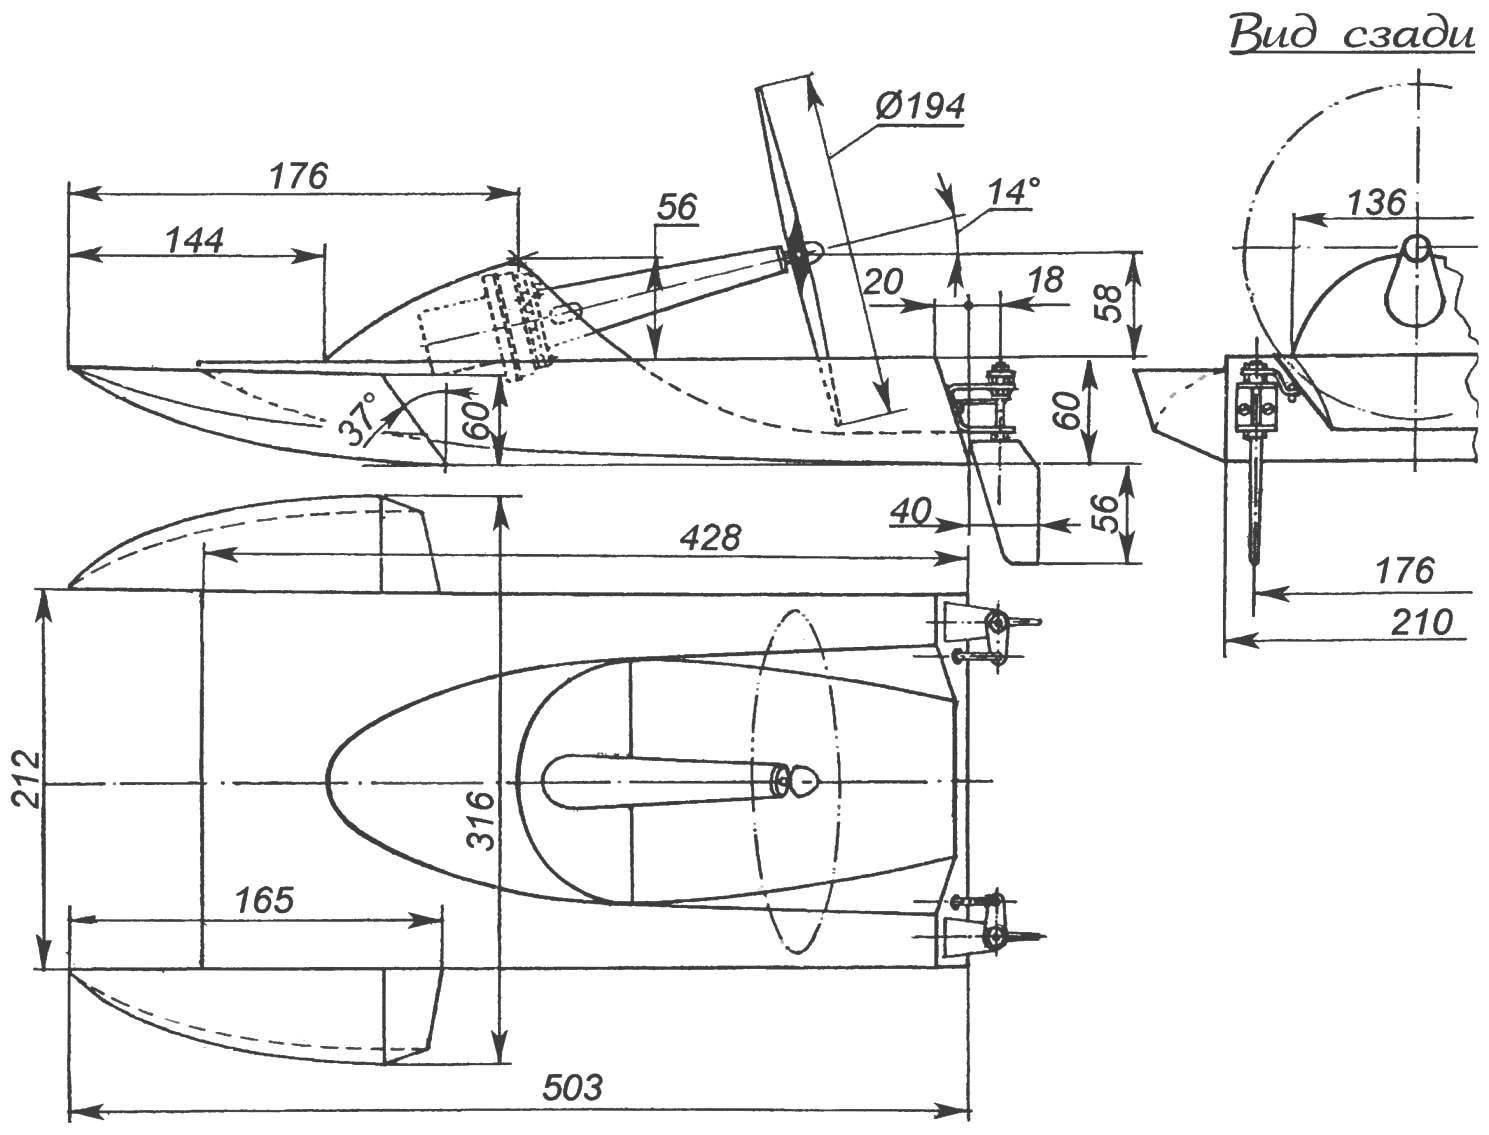 Геометрическая схема гоночной модели аэроглиссера